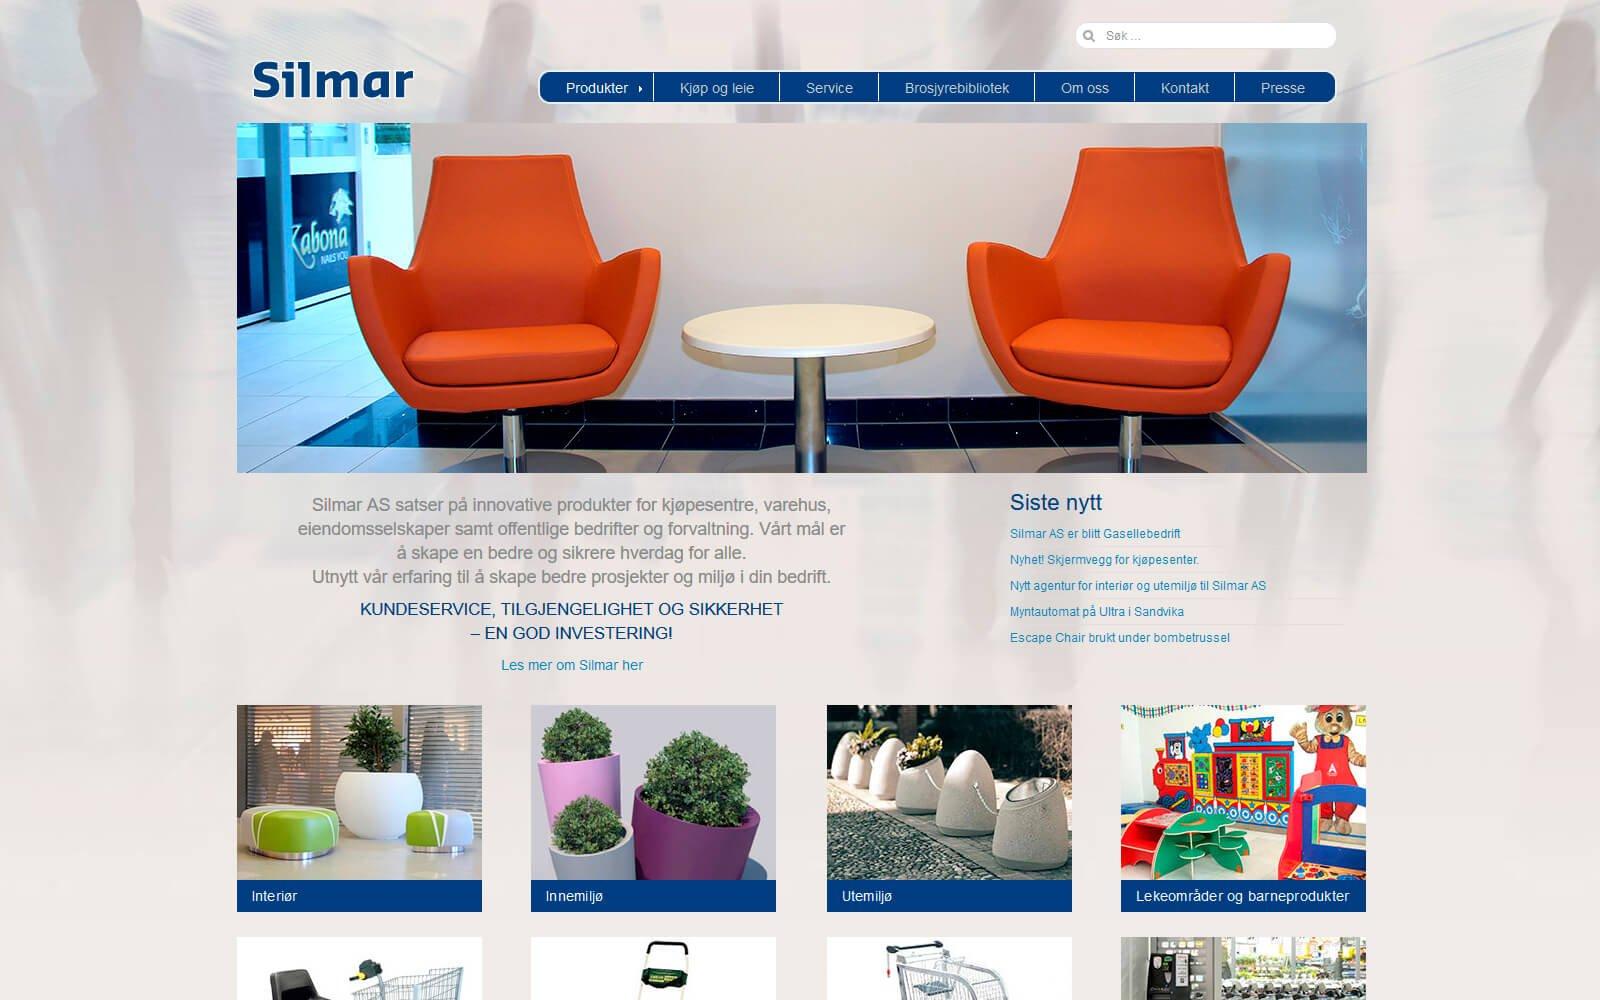 Silmar webside